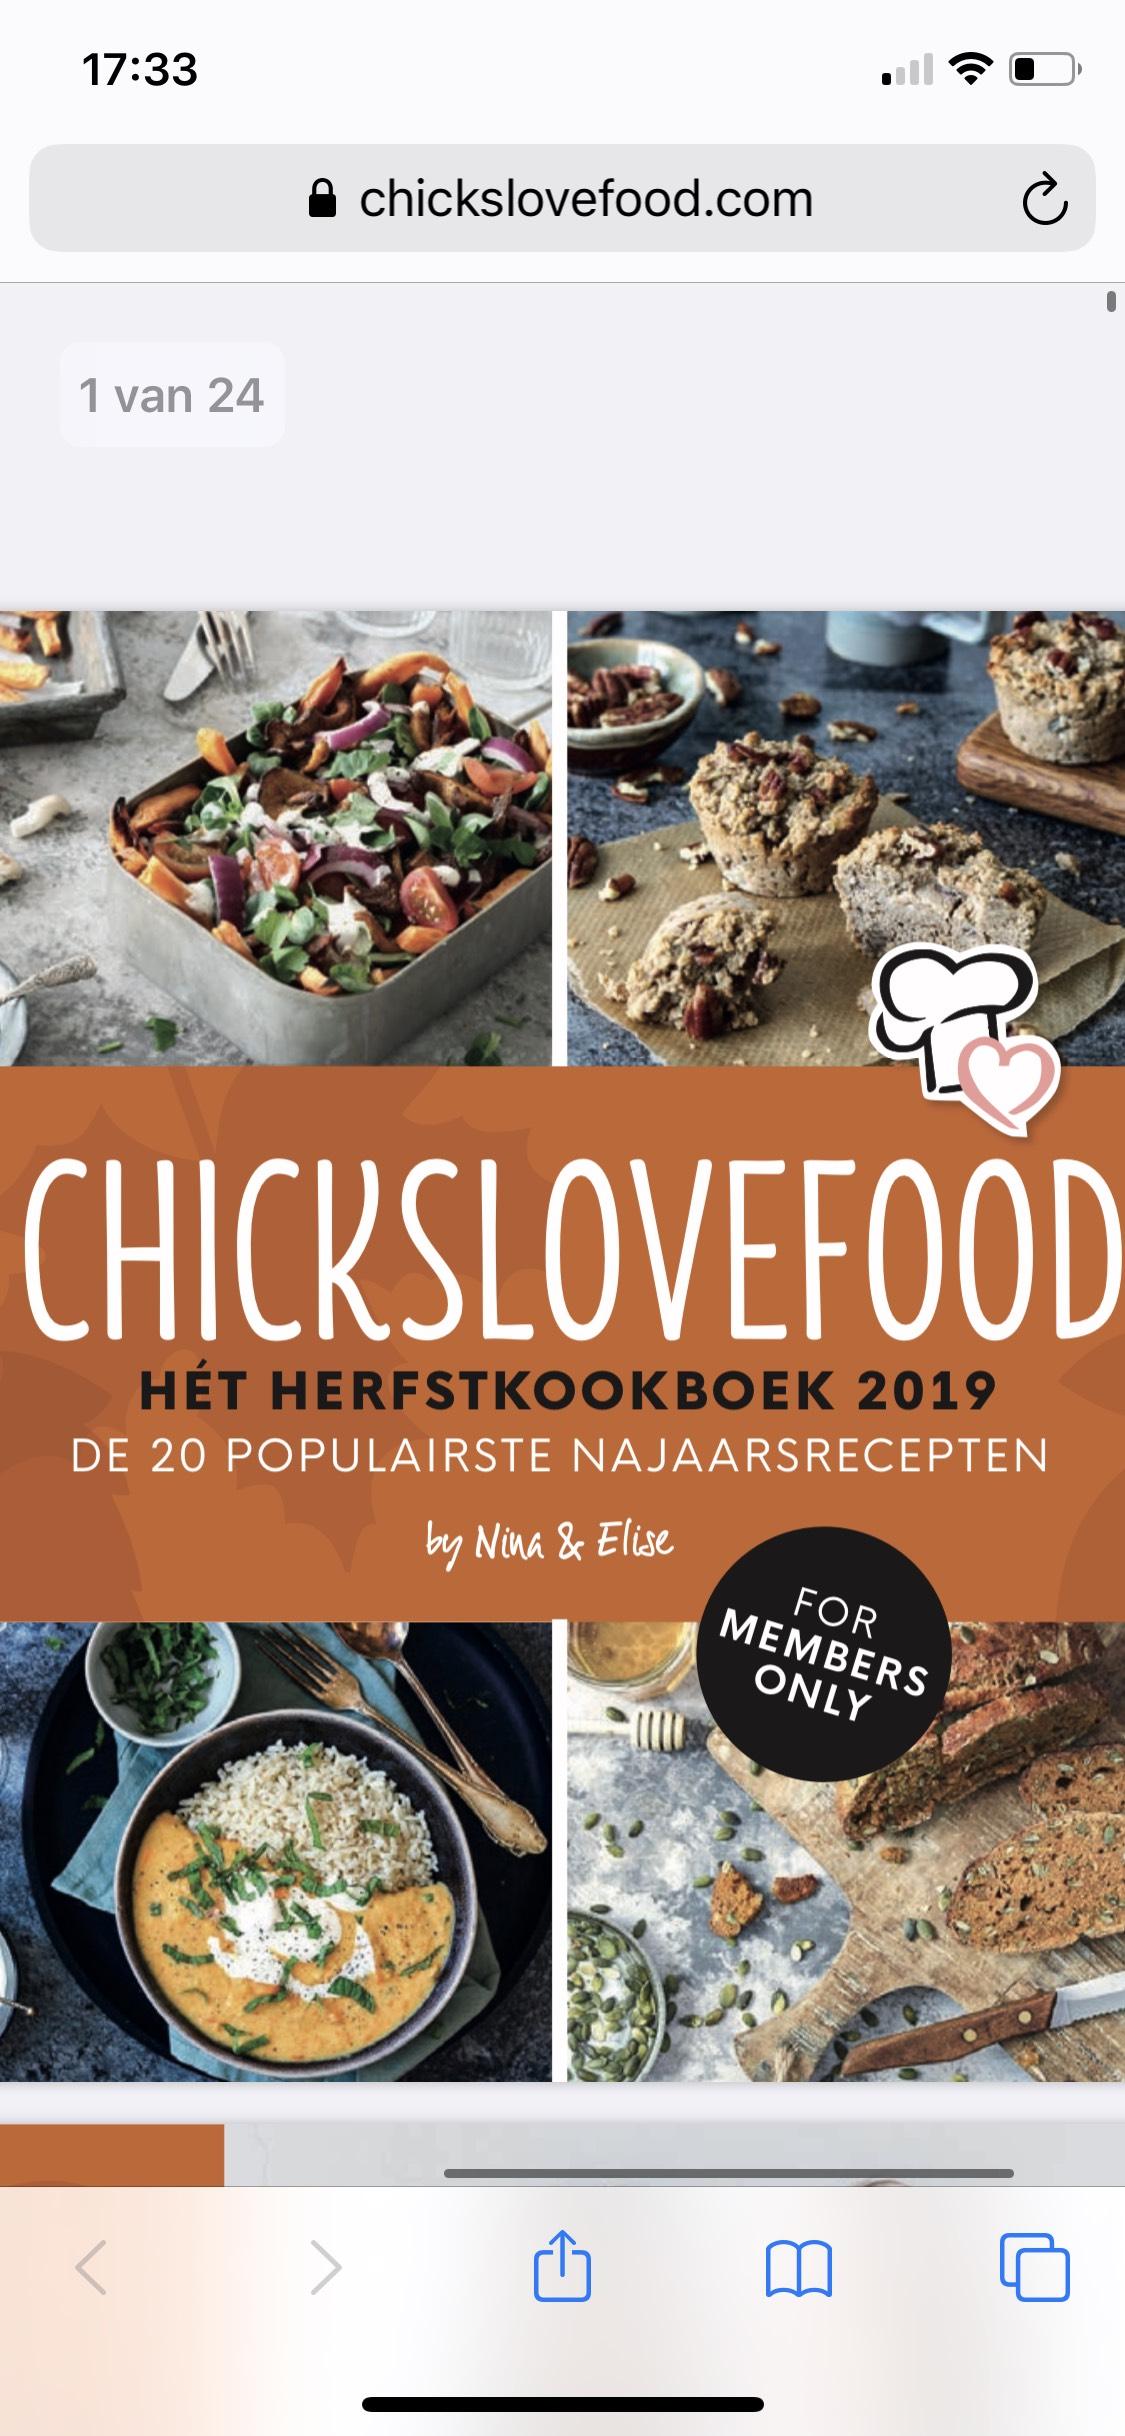 Gratis herfstkookboek (e-book) van Chickslovefood